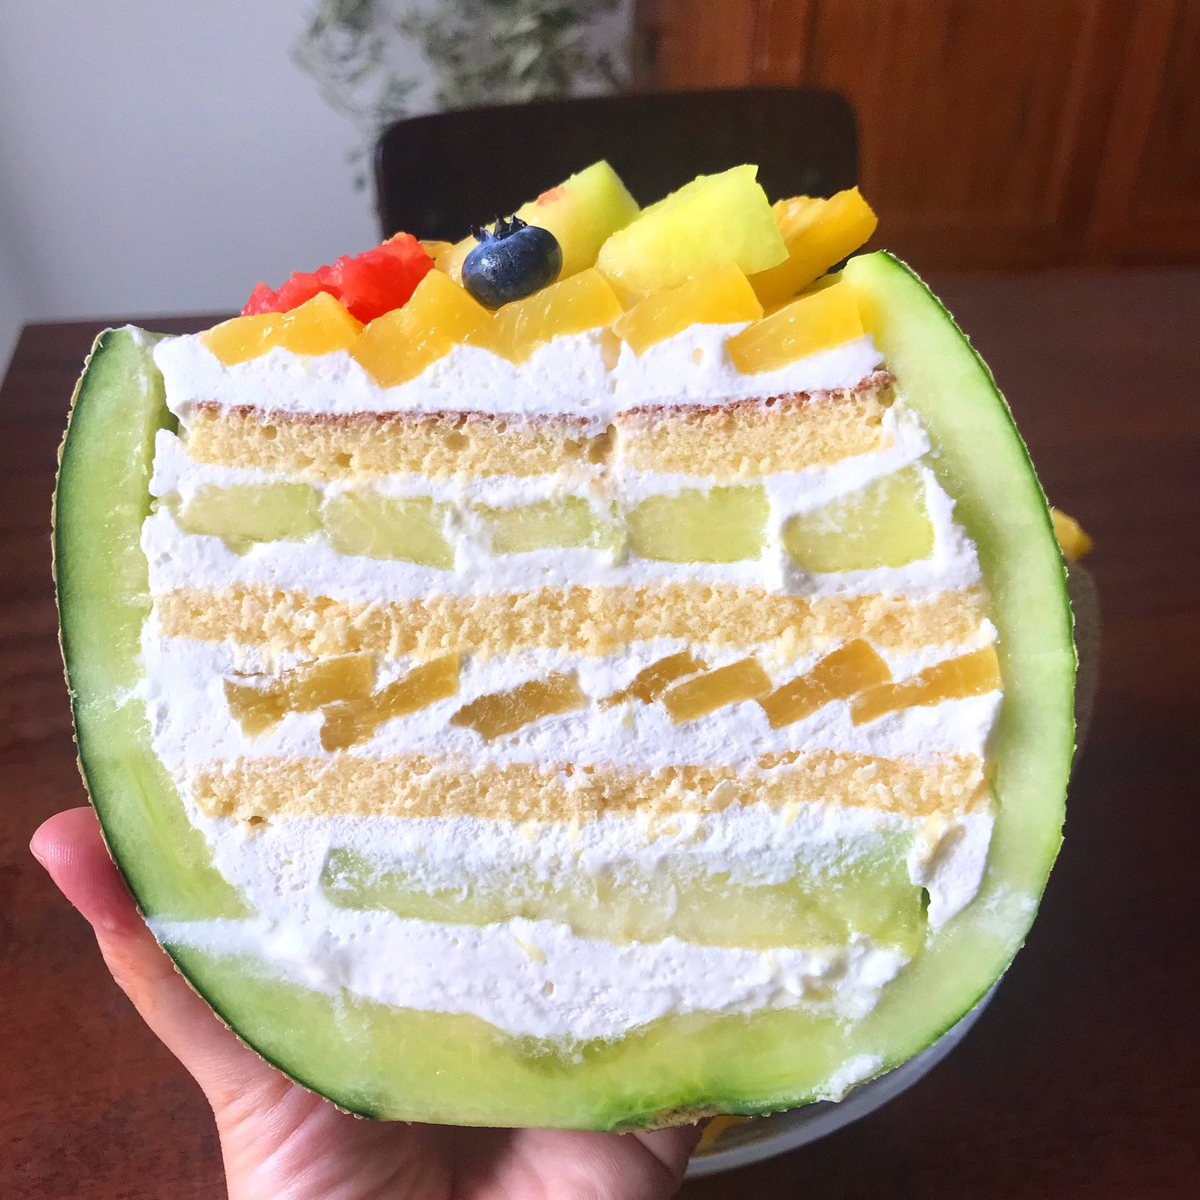 フルーツ盛沢山!?中身がぎっしり詰まったメロンケーキの作り方!